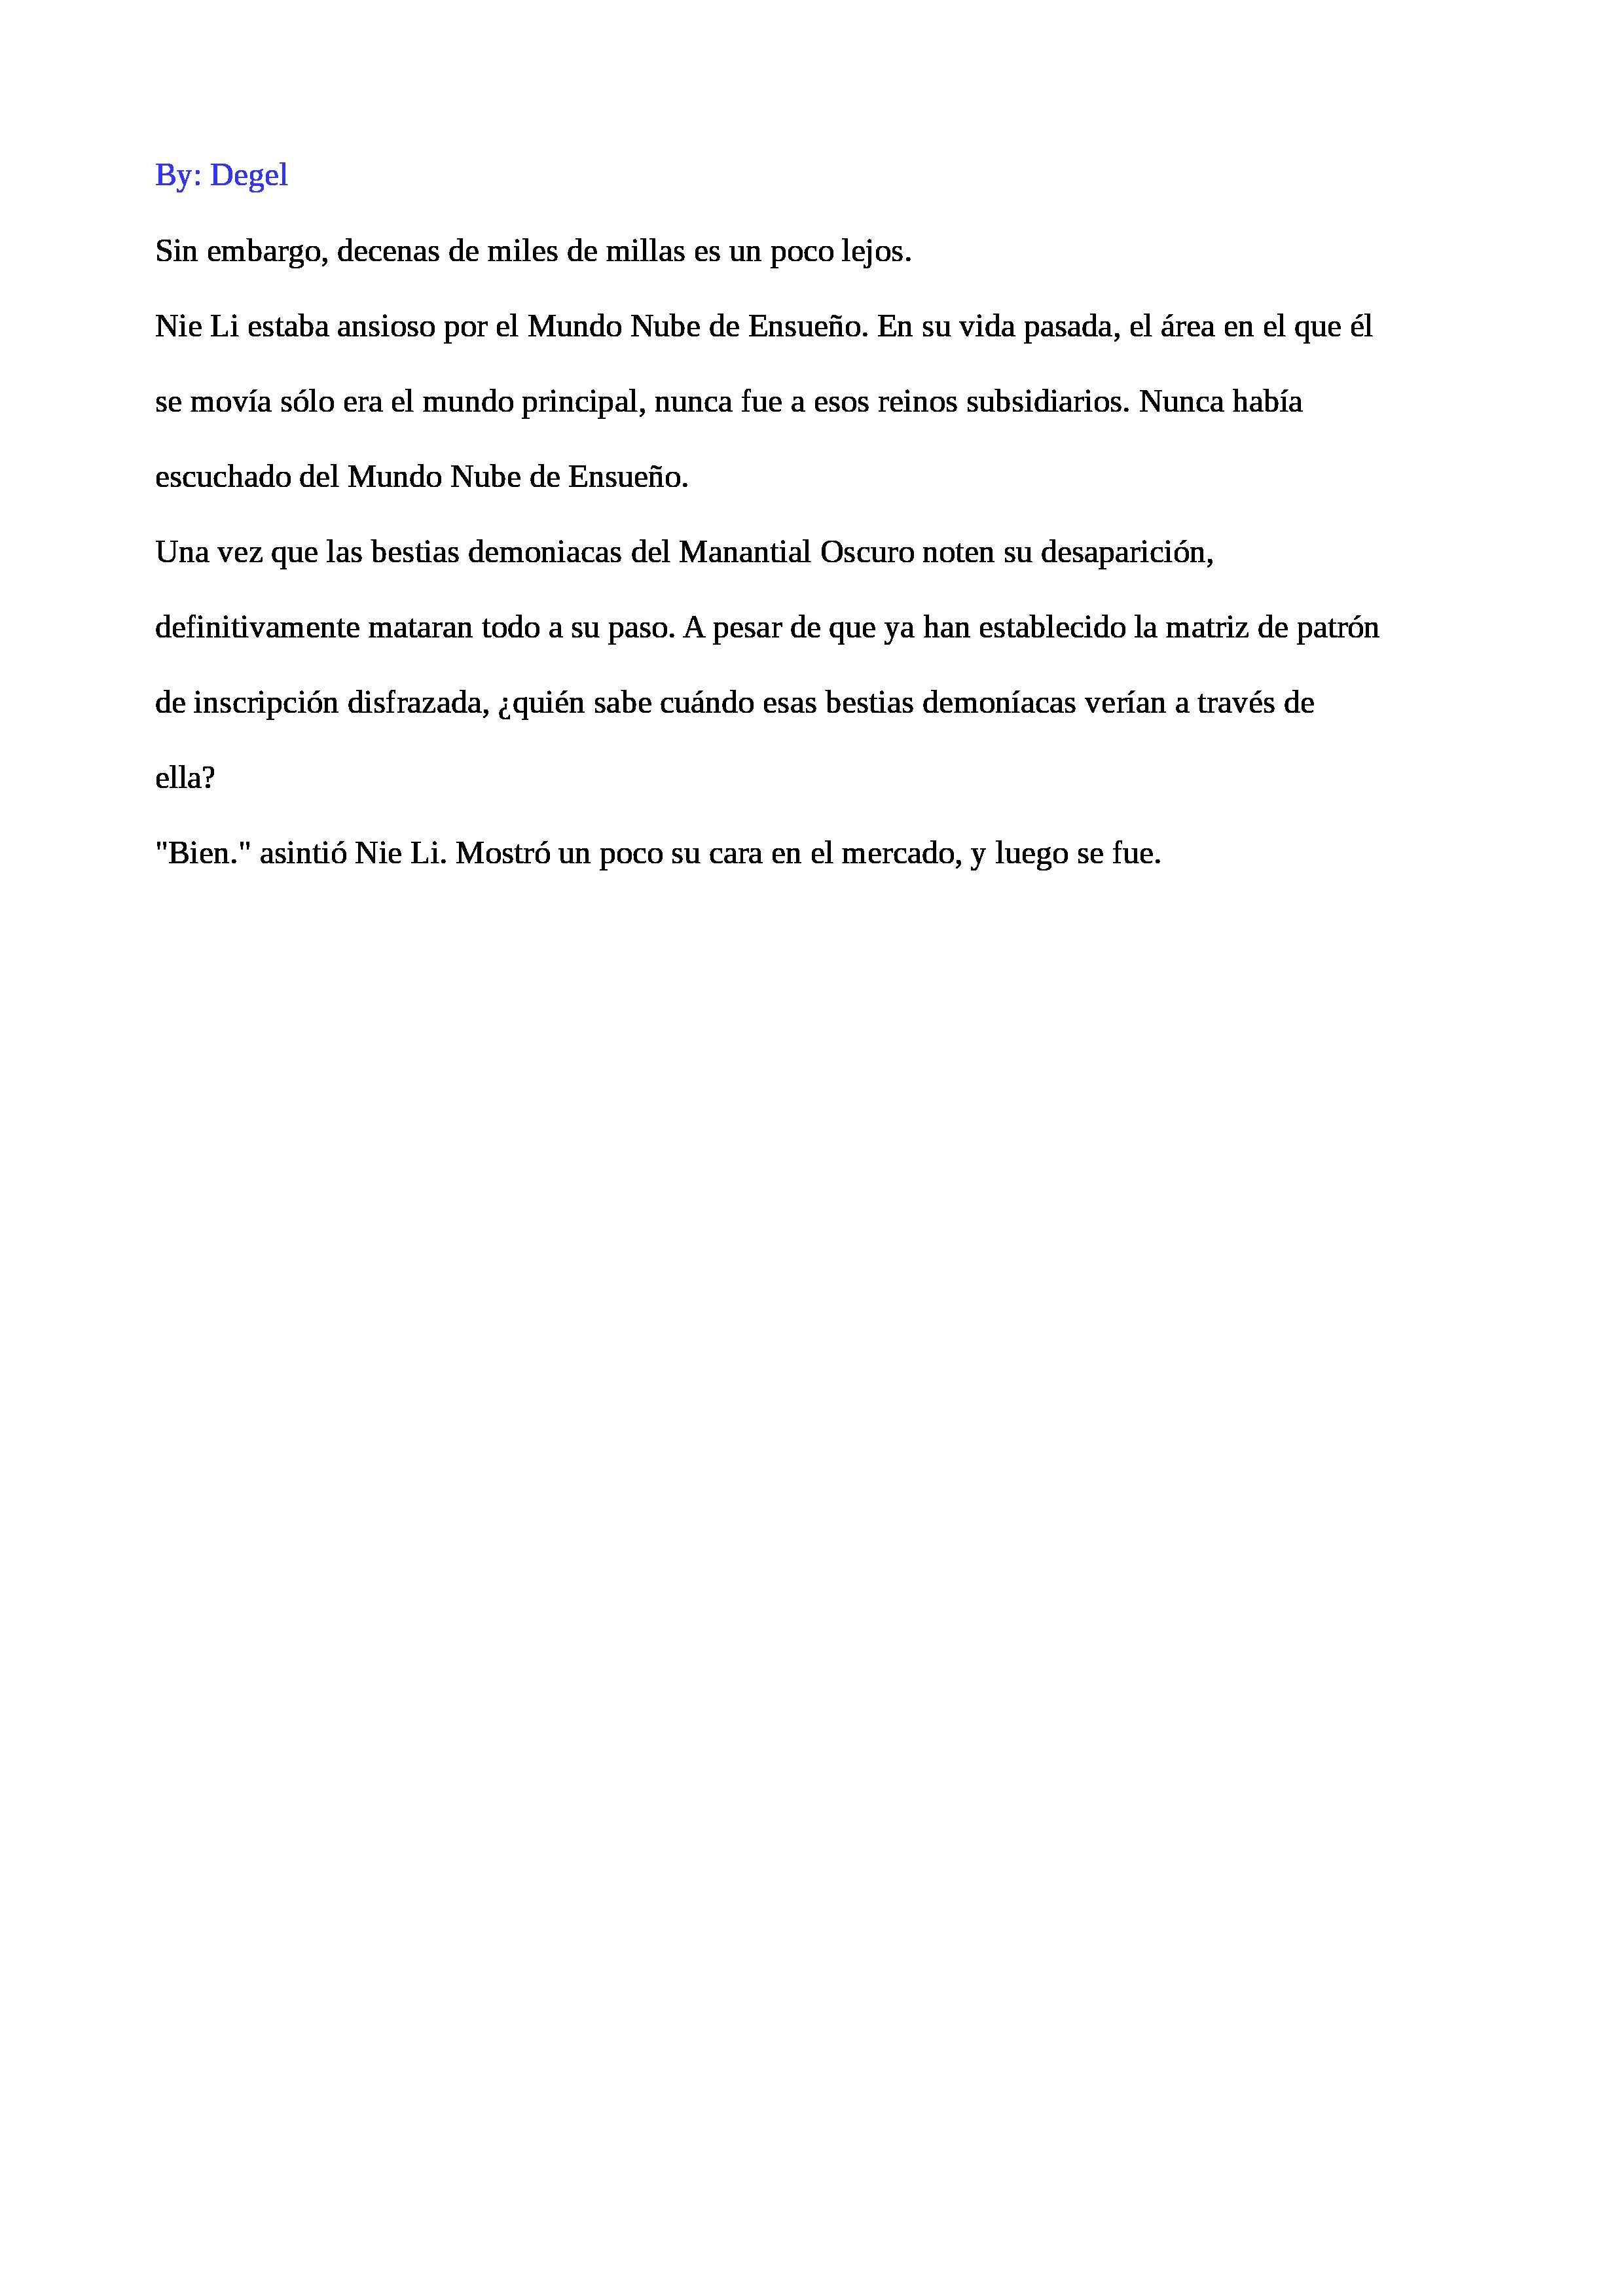 https://c5.mangatag.com/es_manga/pic2/44/20012/494539/1457c0d6bfcb4967418bfb8ac142f64a.jpg Page 7